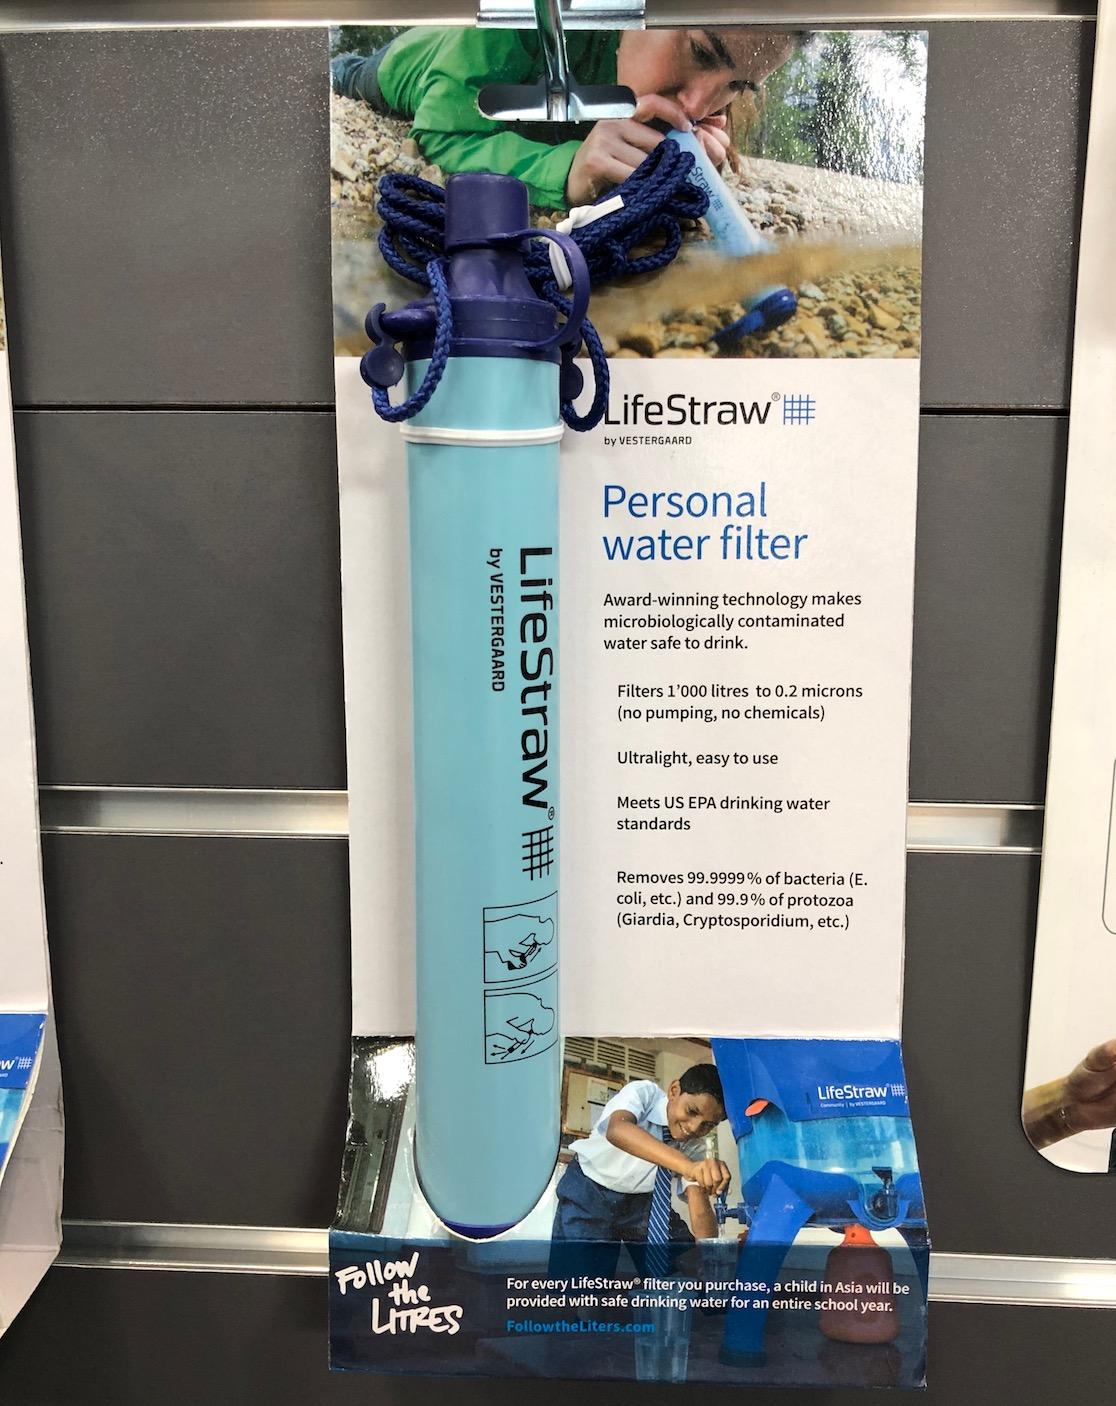 LifeStraw - beim Personal water filter trinkt man das Wasser direkt aus dem Gewässer